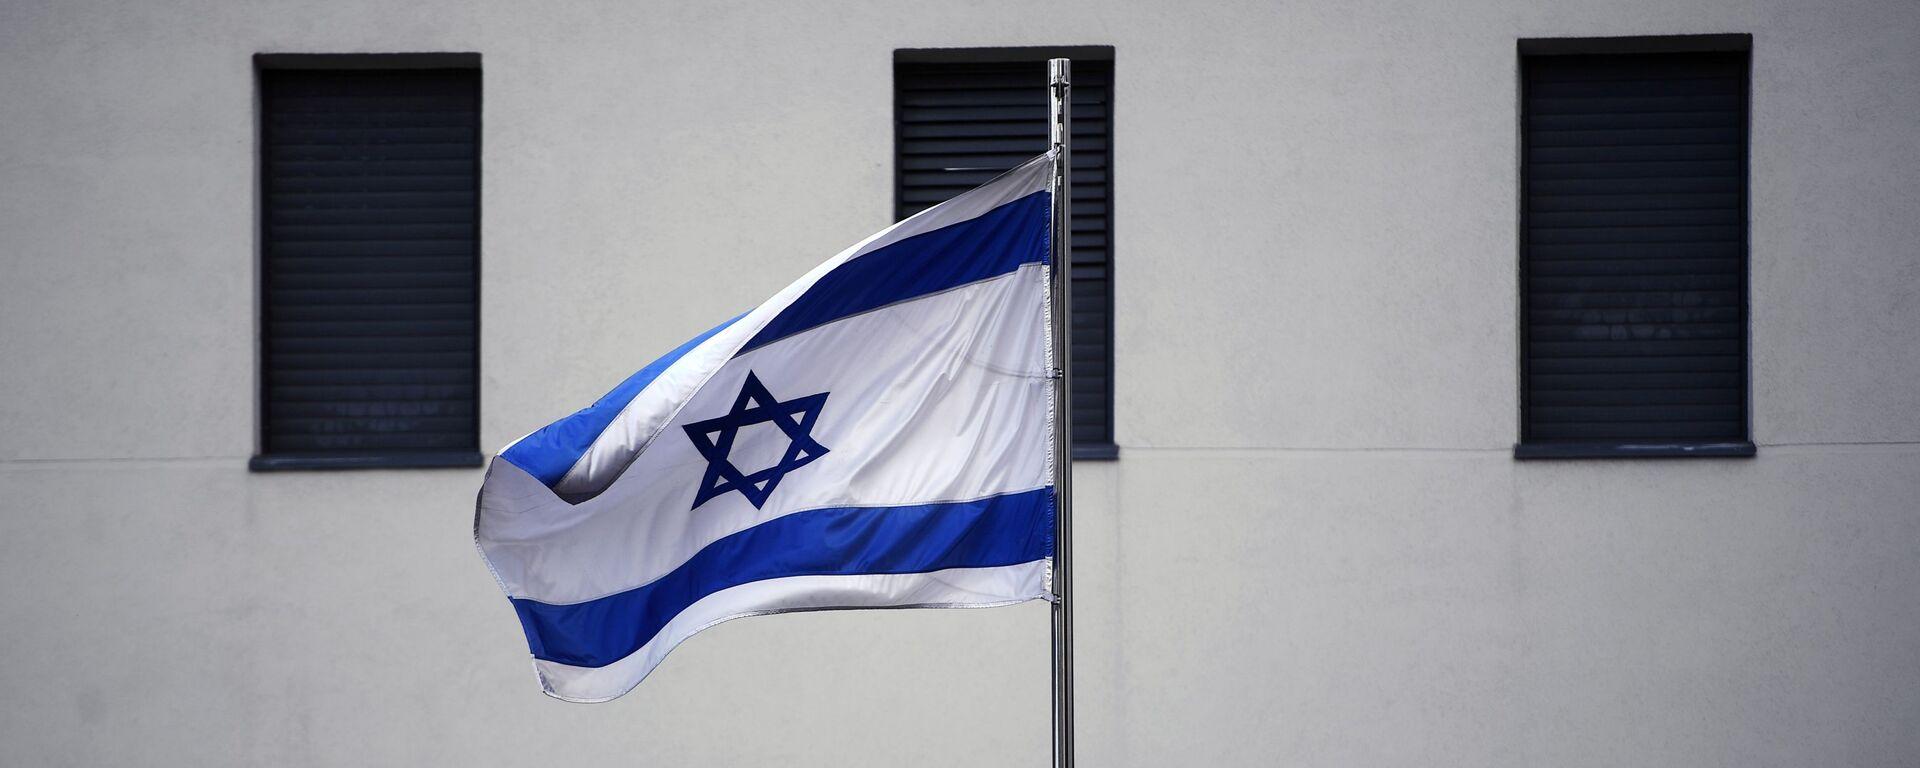 Flaga na budynku ambasady Izraela w Moskwie  - Sputnik Polska, 1920, 30.06.2021